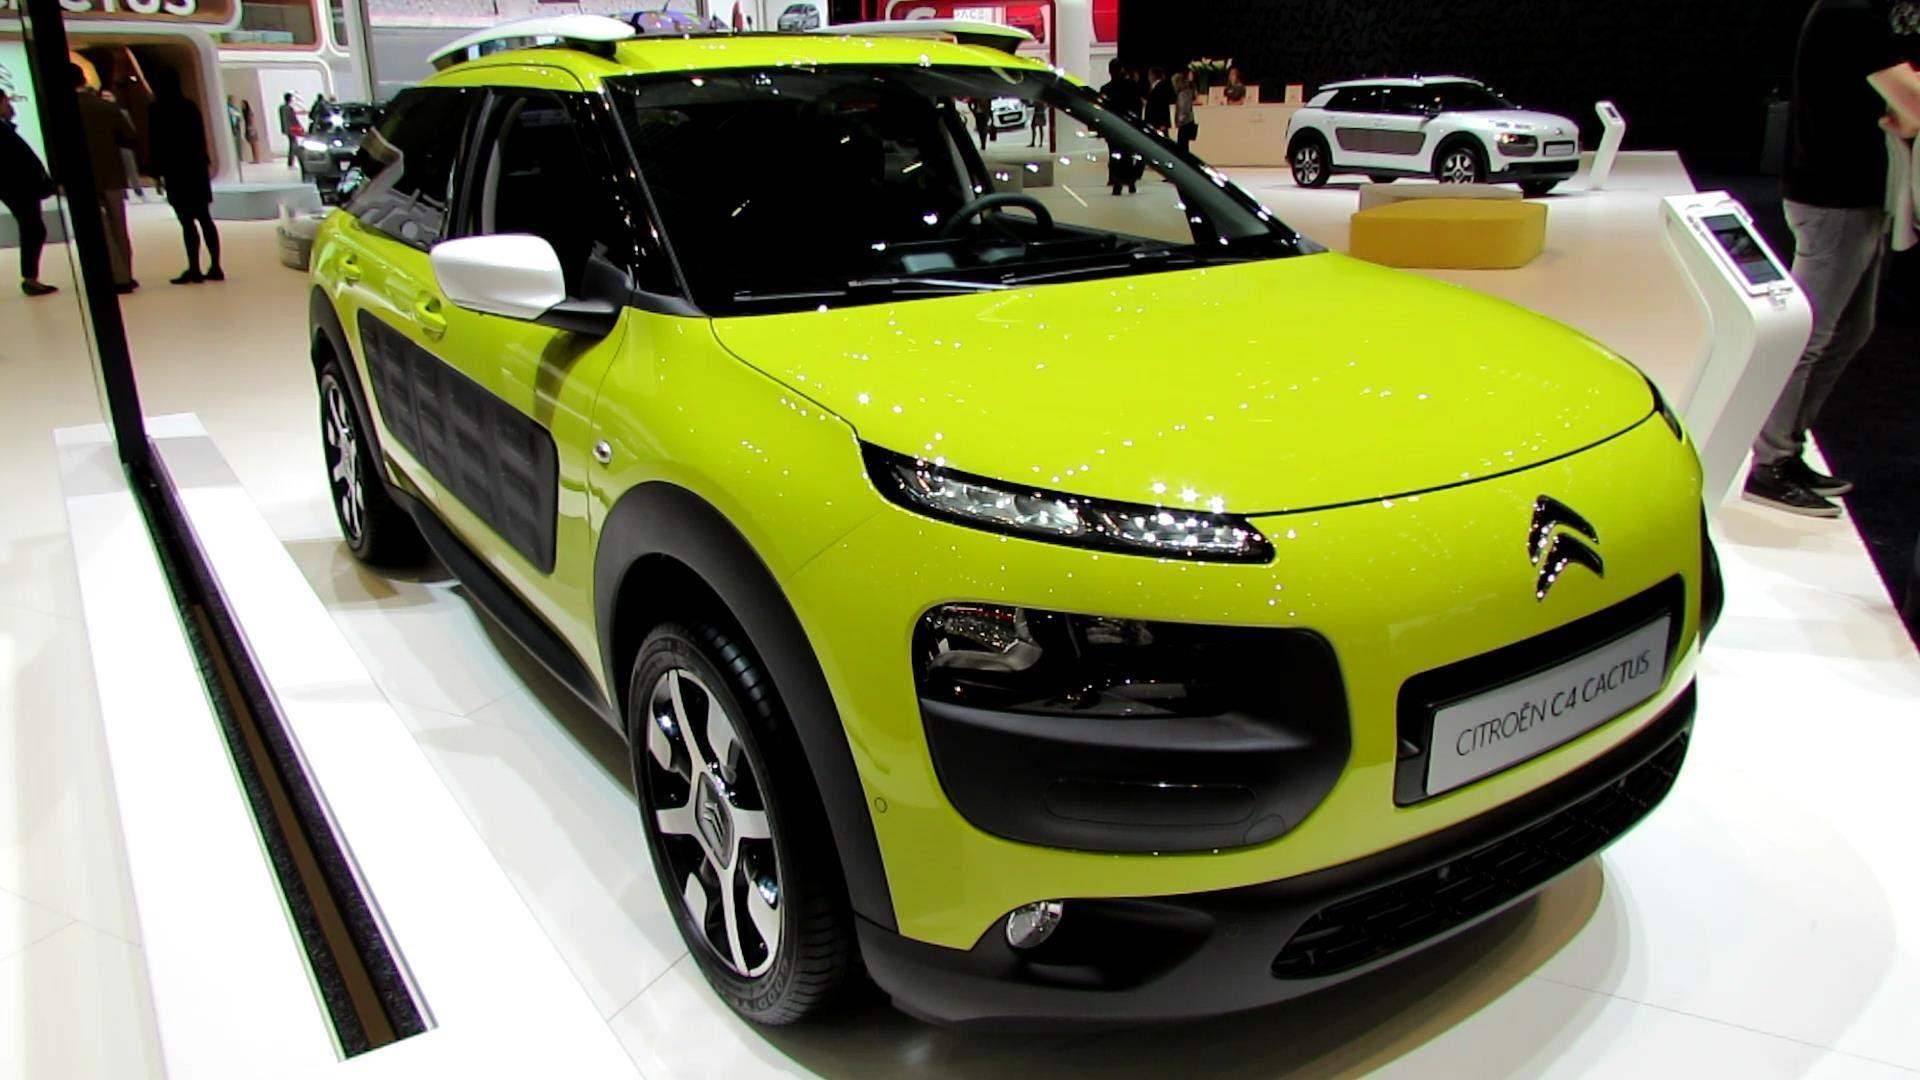 2015 Citroen C4 Cactus İç Tasarım - Uygun Taşıt